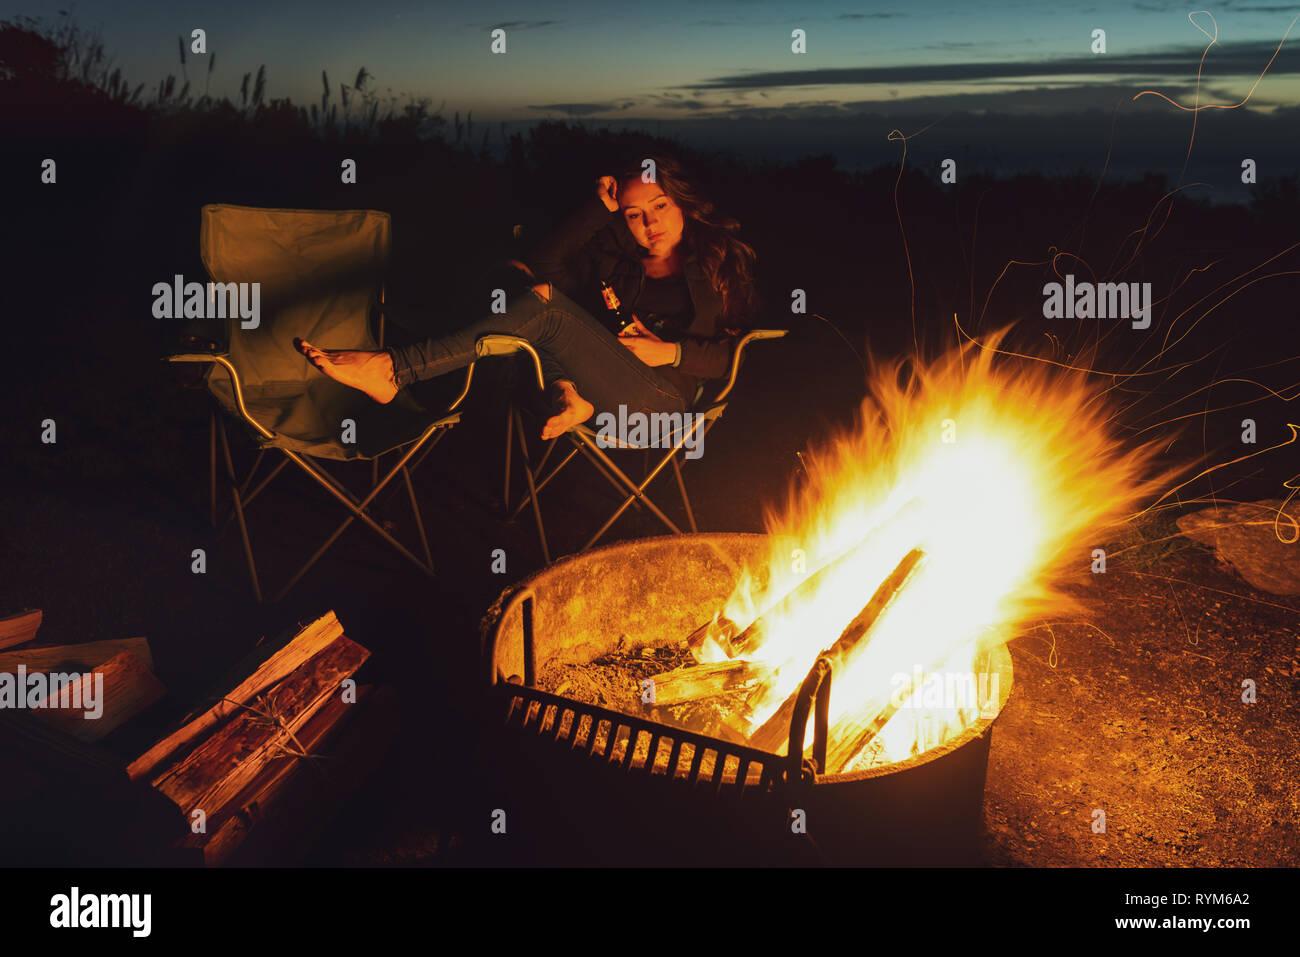 Joven Mujer reflexiva con botella de cerveza está sola cerca de la hoguera y leña en la noche. Barefoot tristeza chica busca en fuego brillante en la oscuridad. Foto de stock